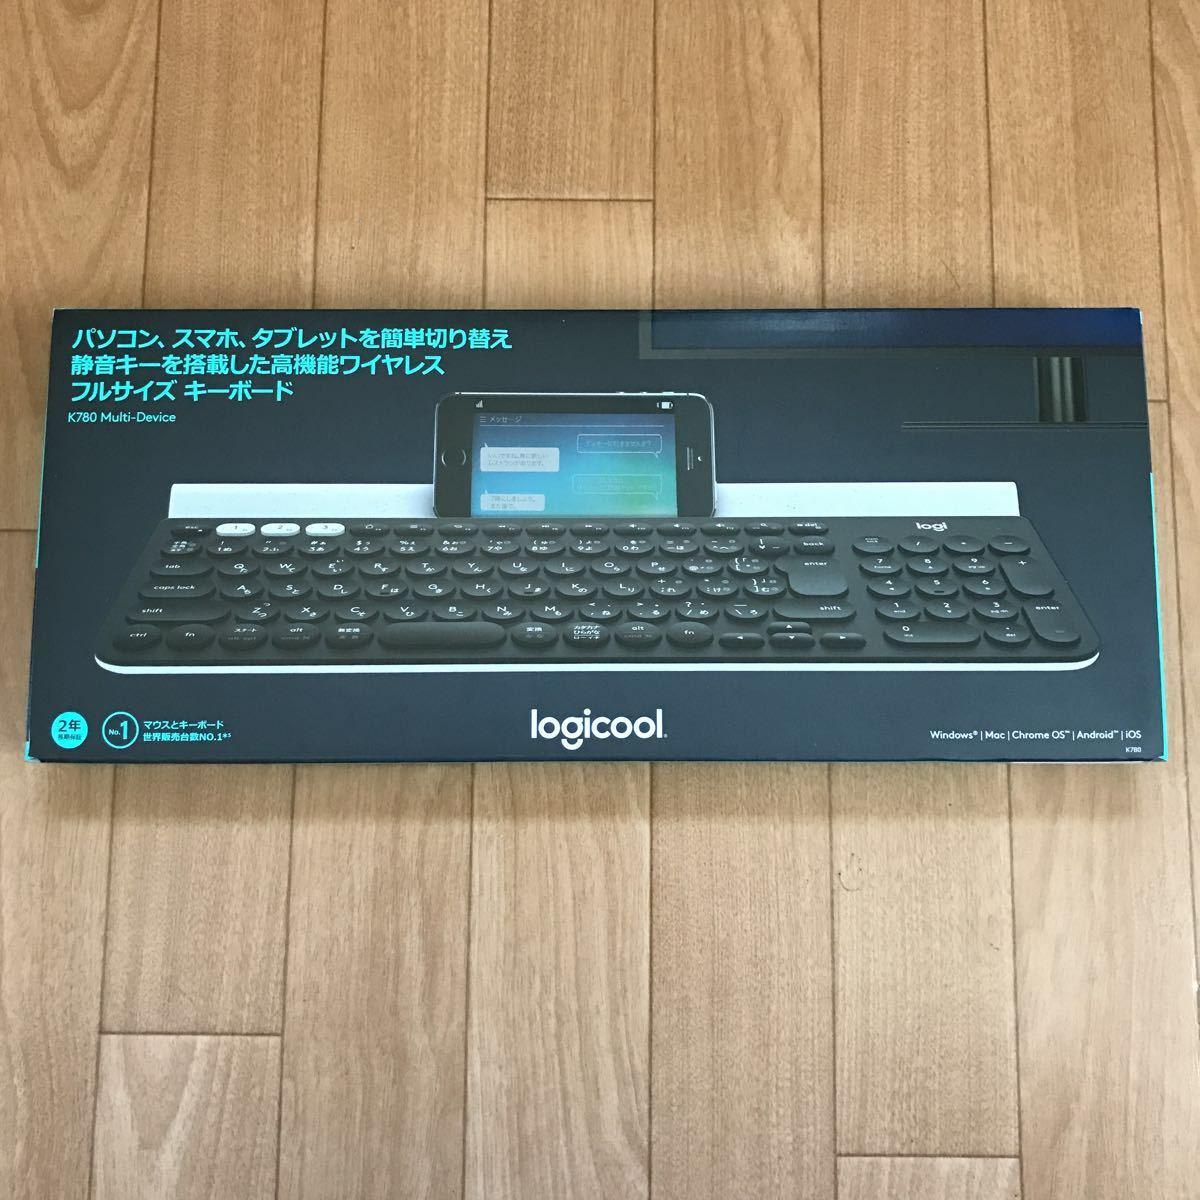 新品未使用 Logicool ワイヤレスキーボード K780 マルチデバイス対応 ロジクール Bluetooth